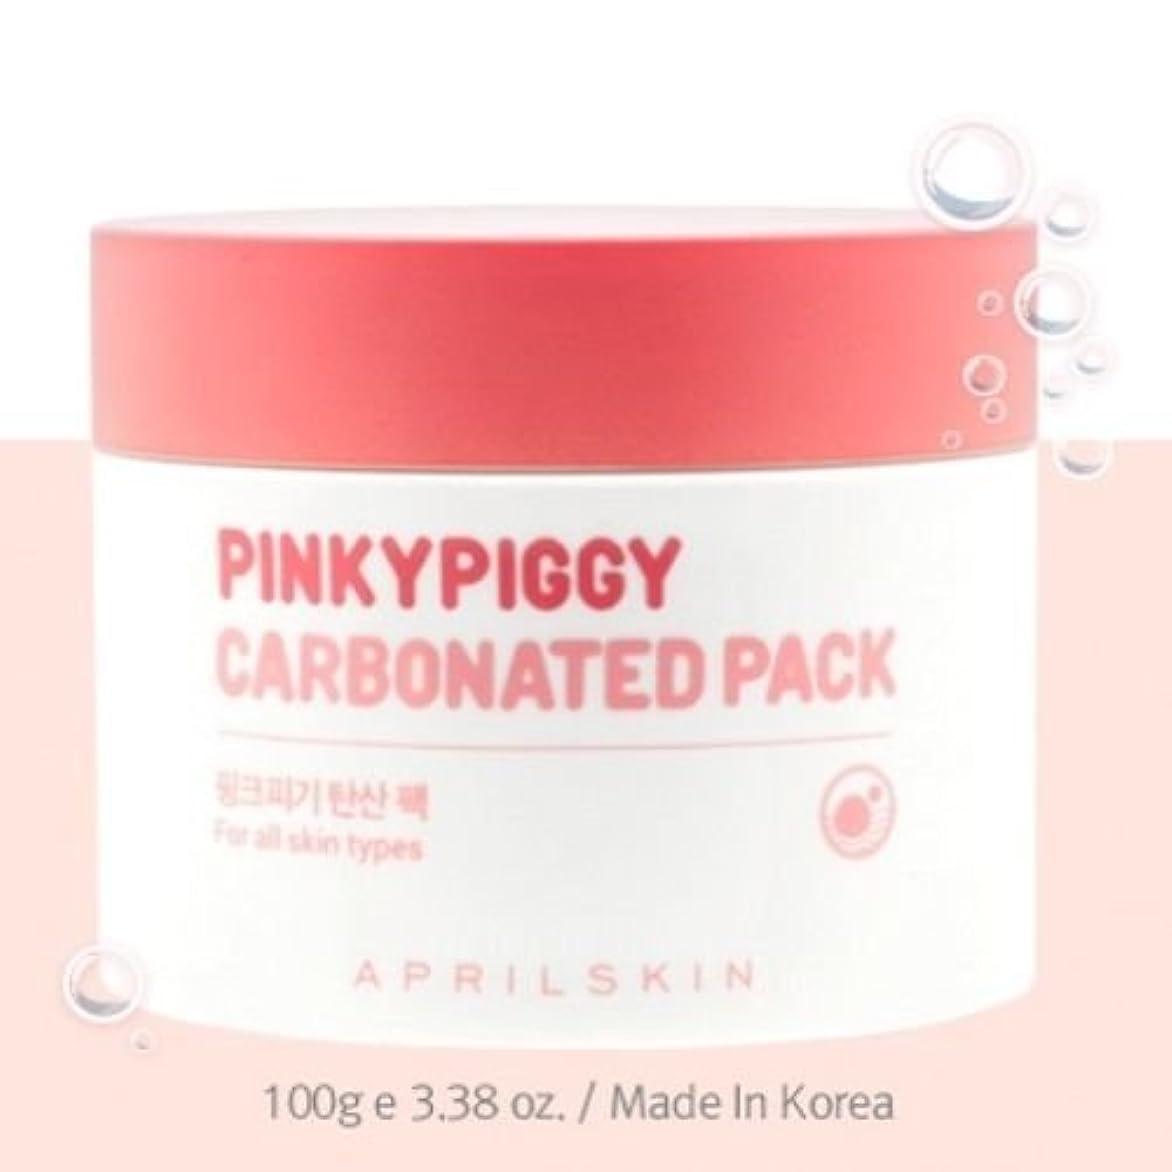 カスタム誰の修正April Skin Pinky Piggy Carbonated Pack 100g(3.38oz)/100% Authentic Direct from Korea [並行輸入品]